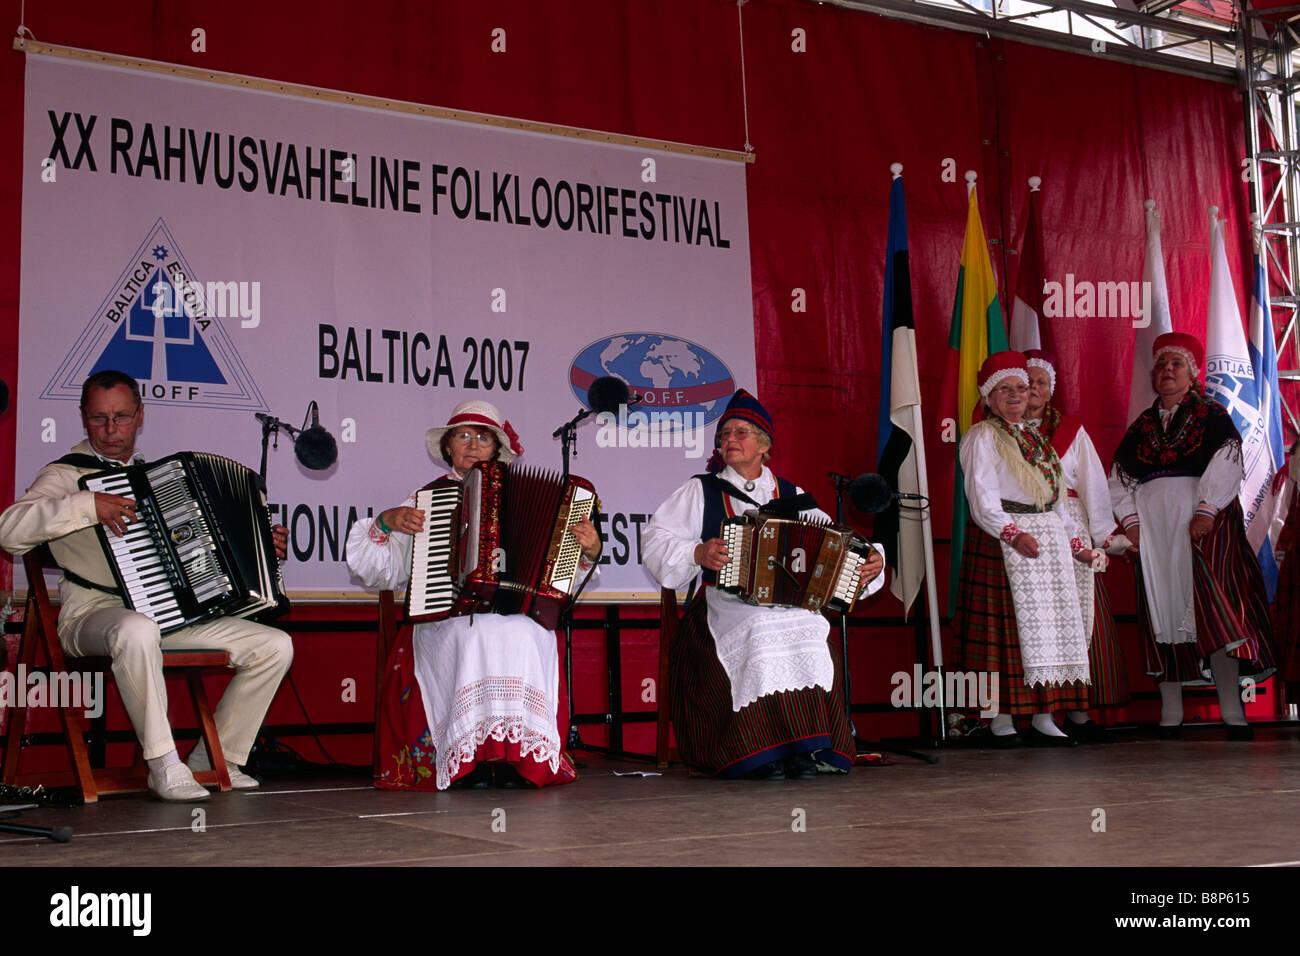 Estland, Tallinn, Raekoja bezahlt, Frauen tragen traditionelle Kleidung, Baltica 2007-Folklore-festival Stockbild